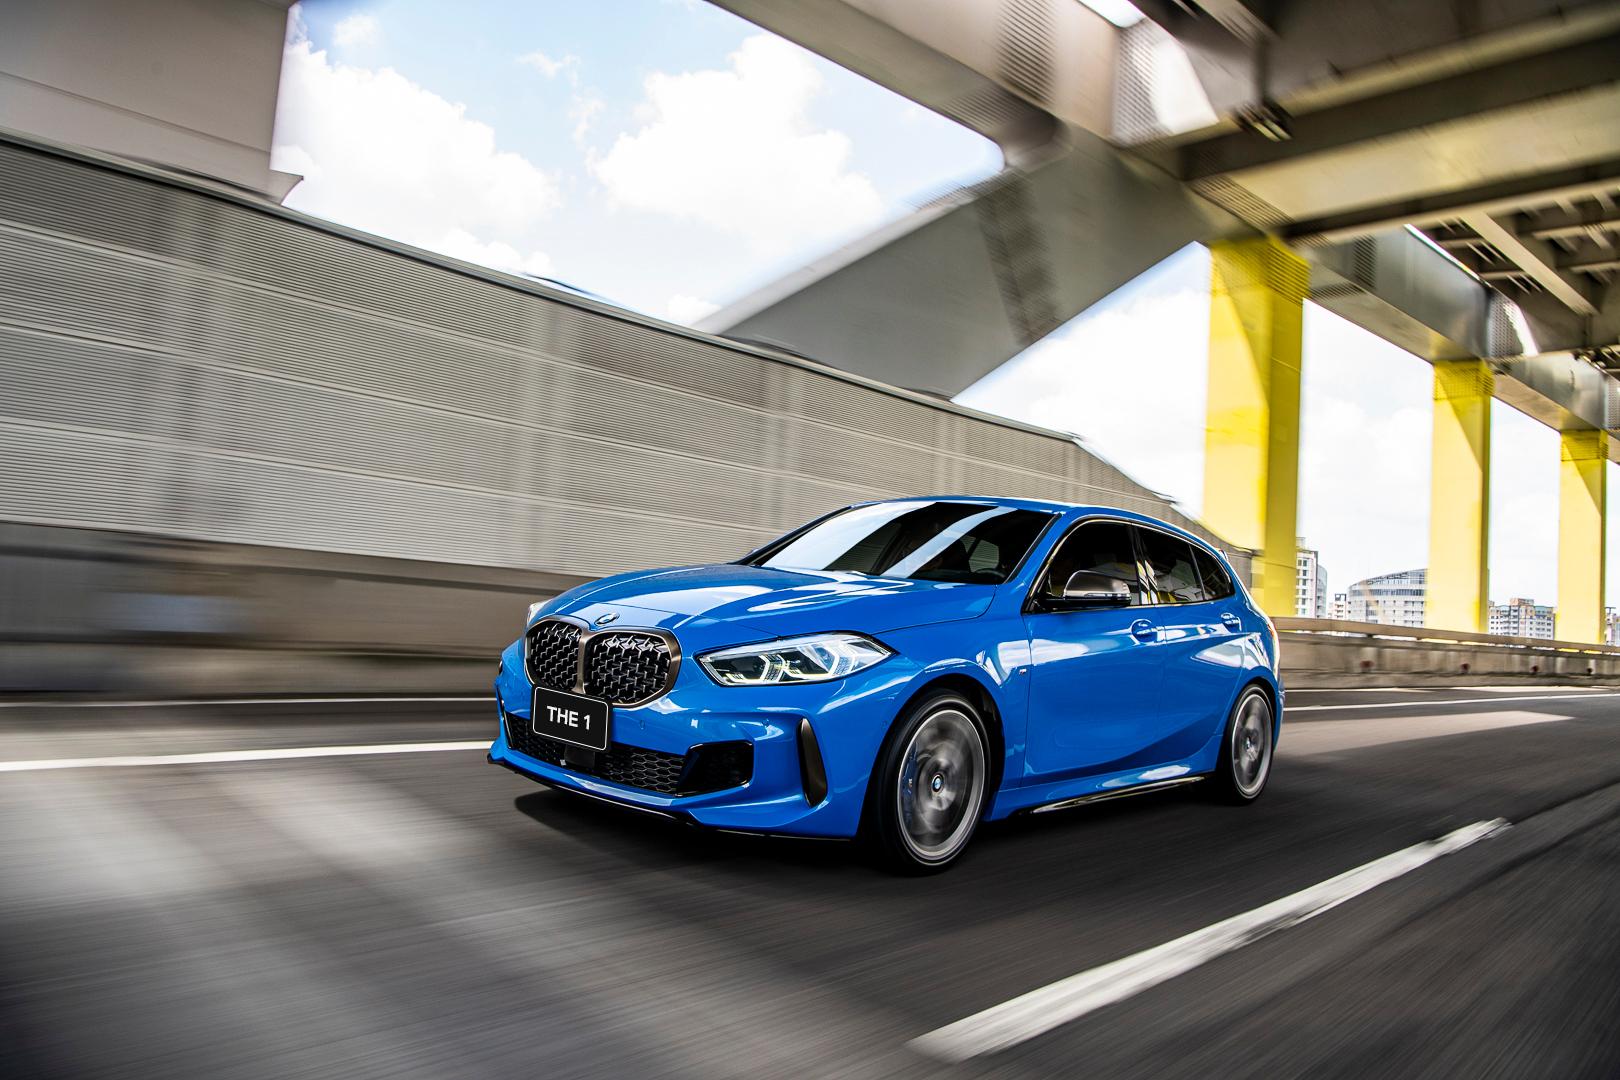 全新 BMW 1系列,本月入主可享低月付 9,900 元起多元分期方案。